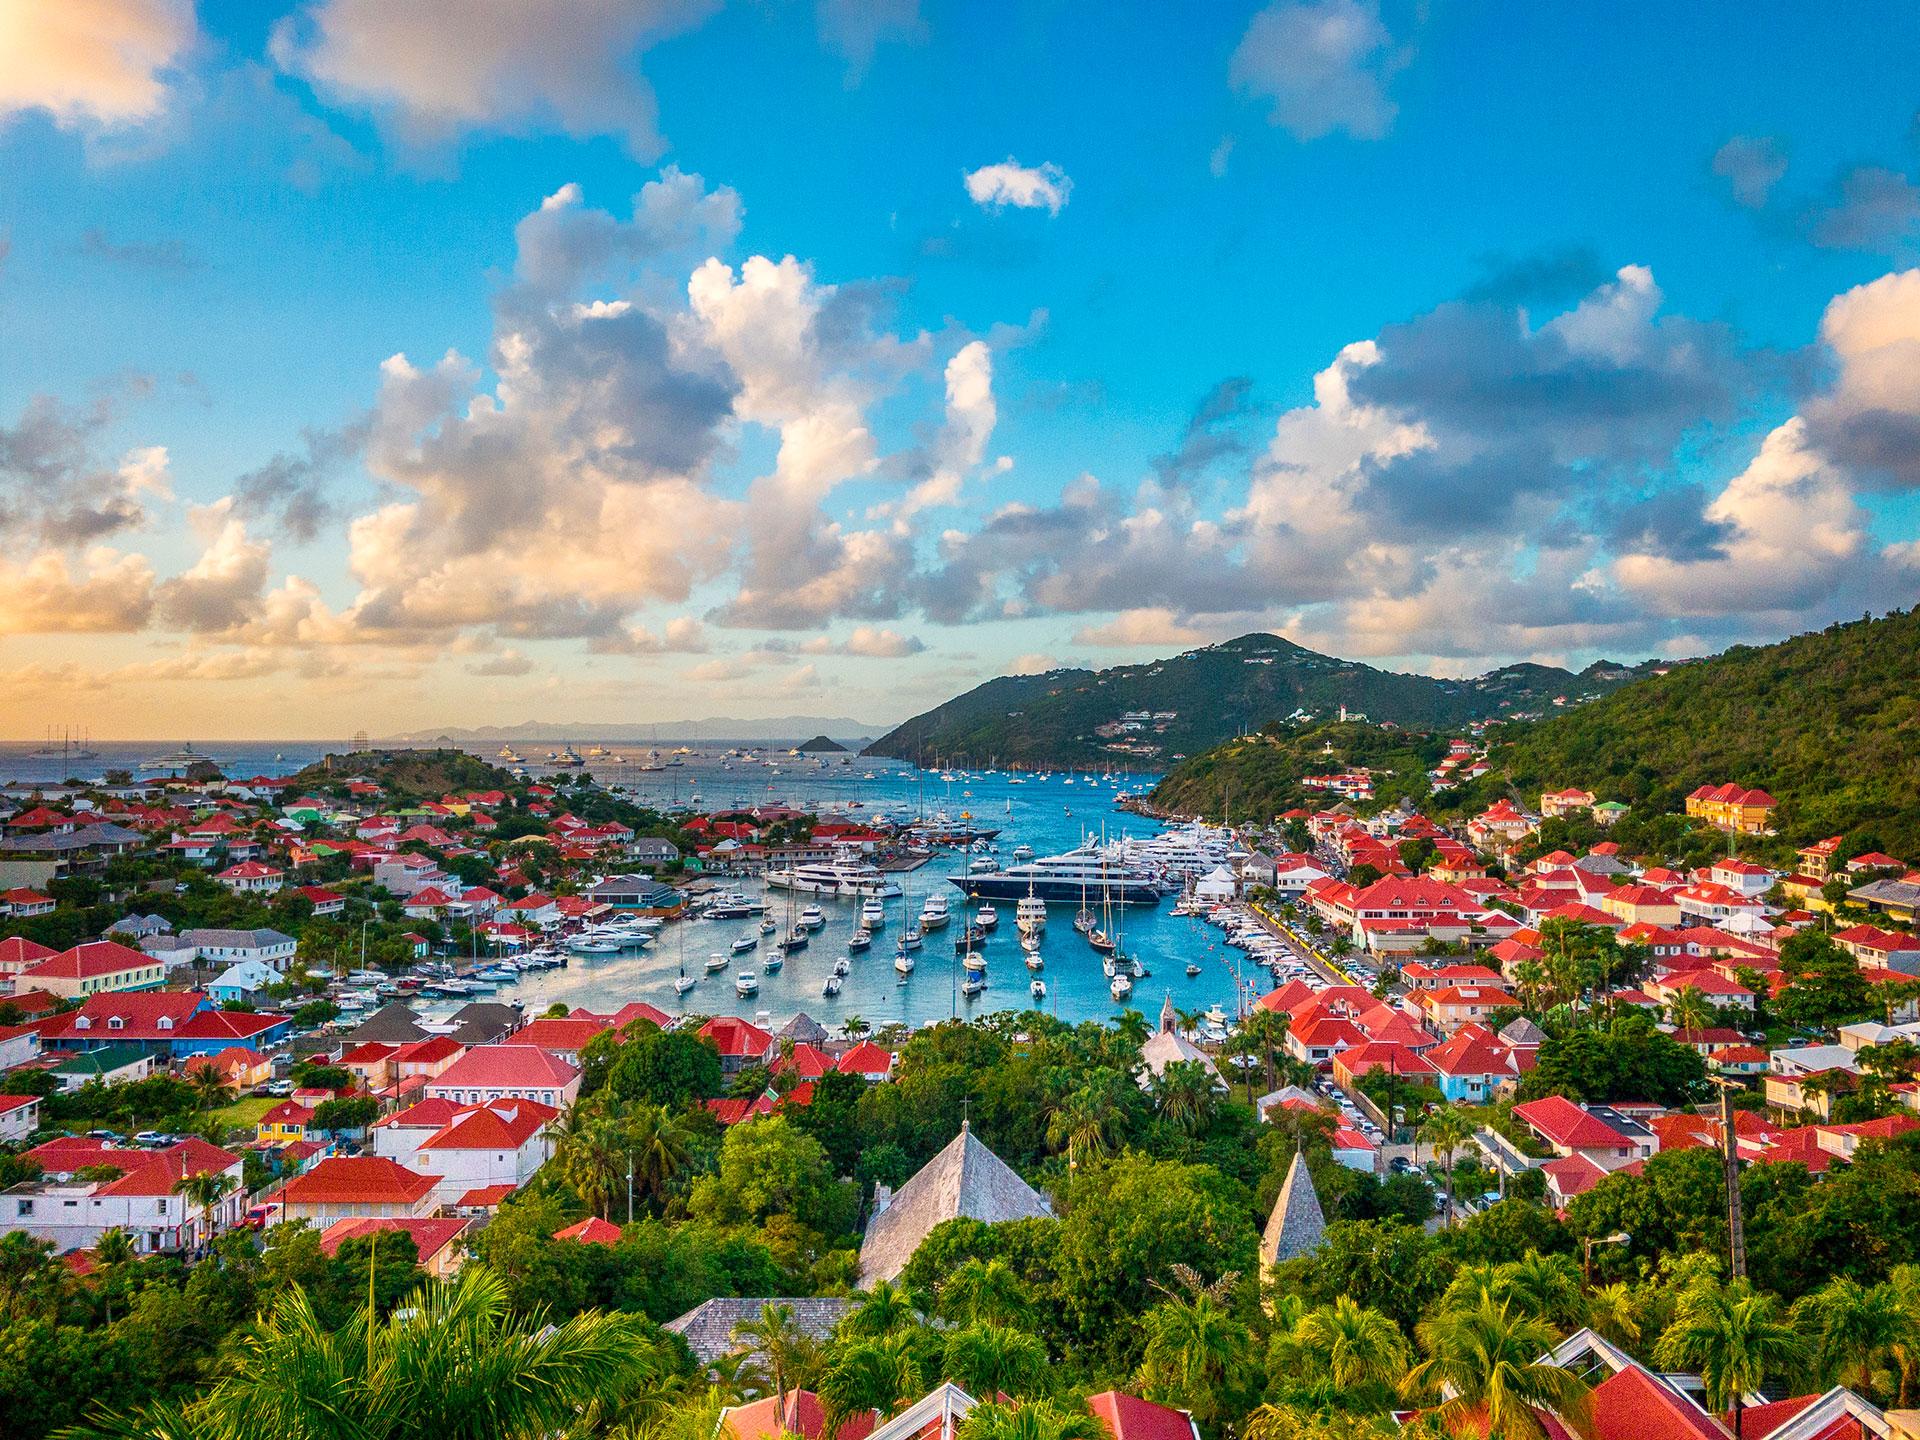 San Bartolomé es una isla de habla francesa en el Caribe conocida comúnmente como Saint Barth y famosa por sus playas de arena blanca y las tiendas de moda de diseñador. La capital, Gustavia, cuenta con un puerto lleno de yates, finos restaurantes y atracciones históricas, como el museo Wall House, que exhibe la historia colonial sueca de la isla